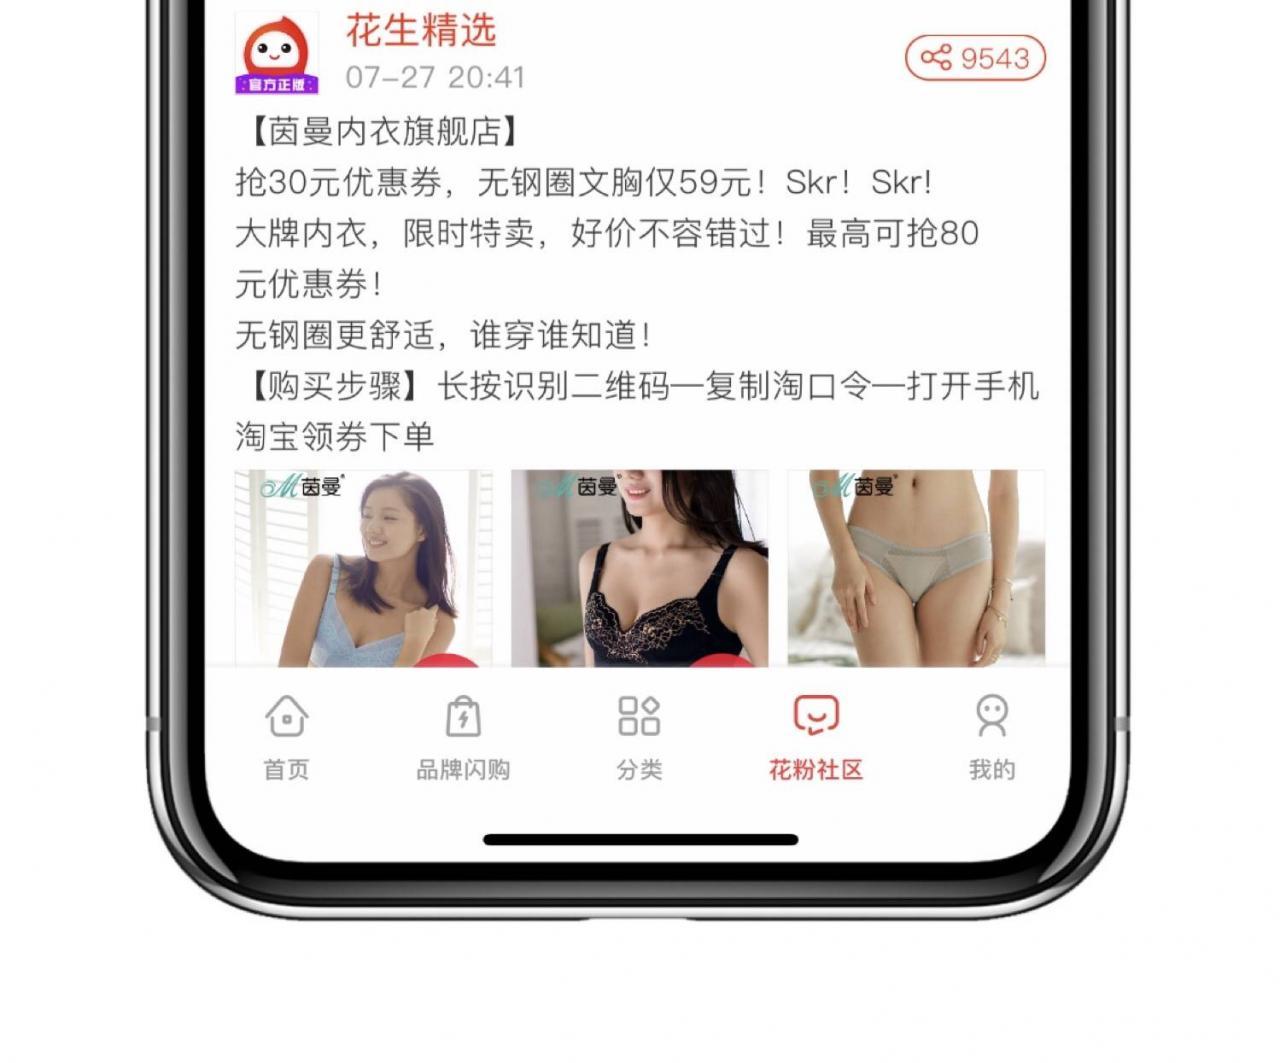 2018微信淘宝客的现状插图1